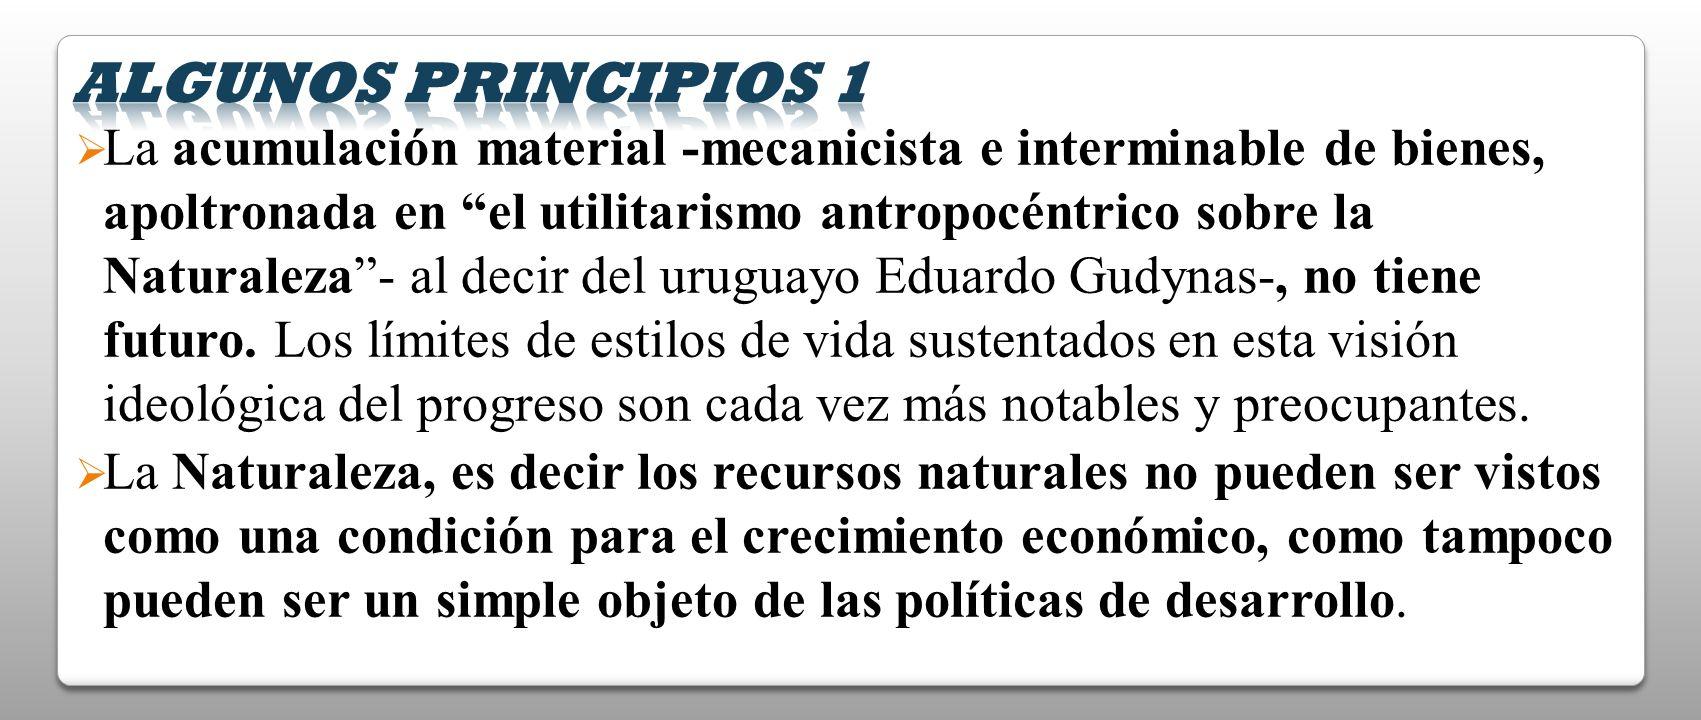 La acumulación material -mecanicista e interminable de bienes, apoltronada en el utilitarismo antropocéntrico sobre la Naturaleza- al decir del urugua